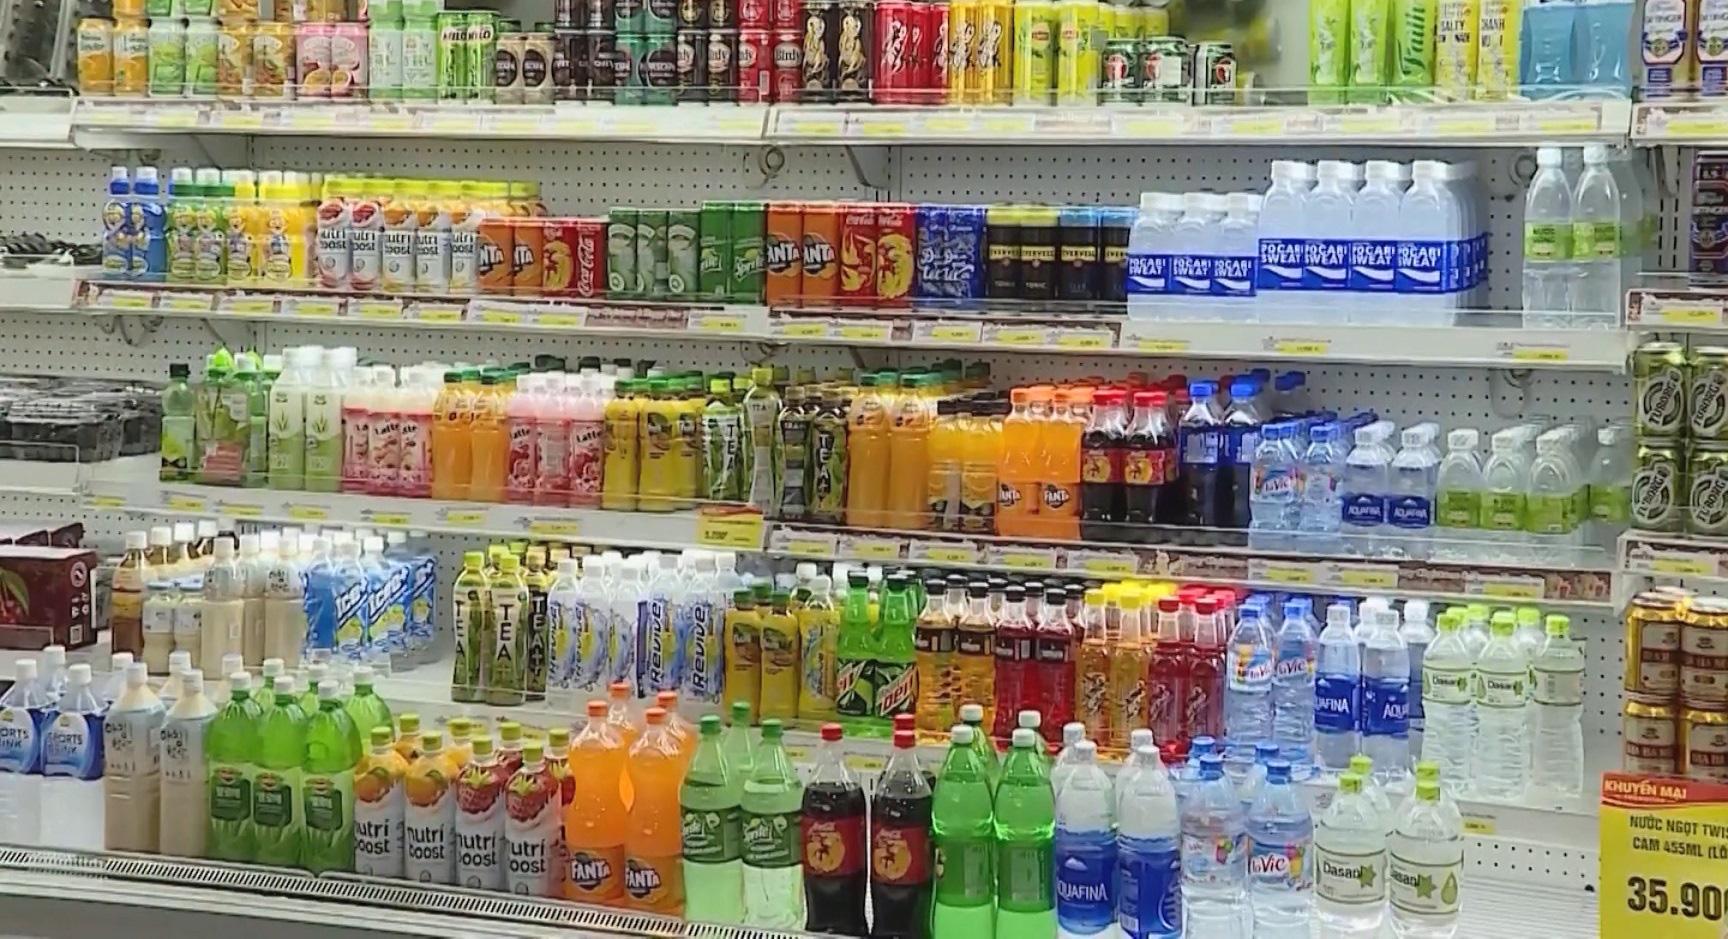 Tp. Hồ Chí Minh: Cận Tết bia, nước ngọt có dấu hiệu tăng giá - Ảnh 2.